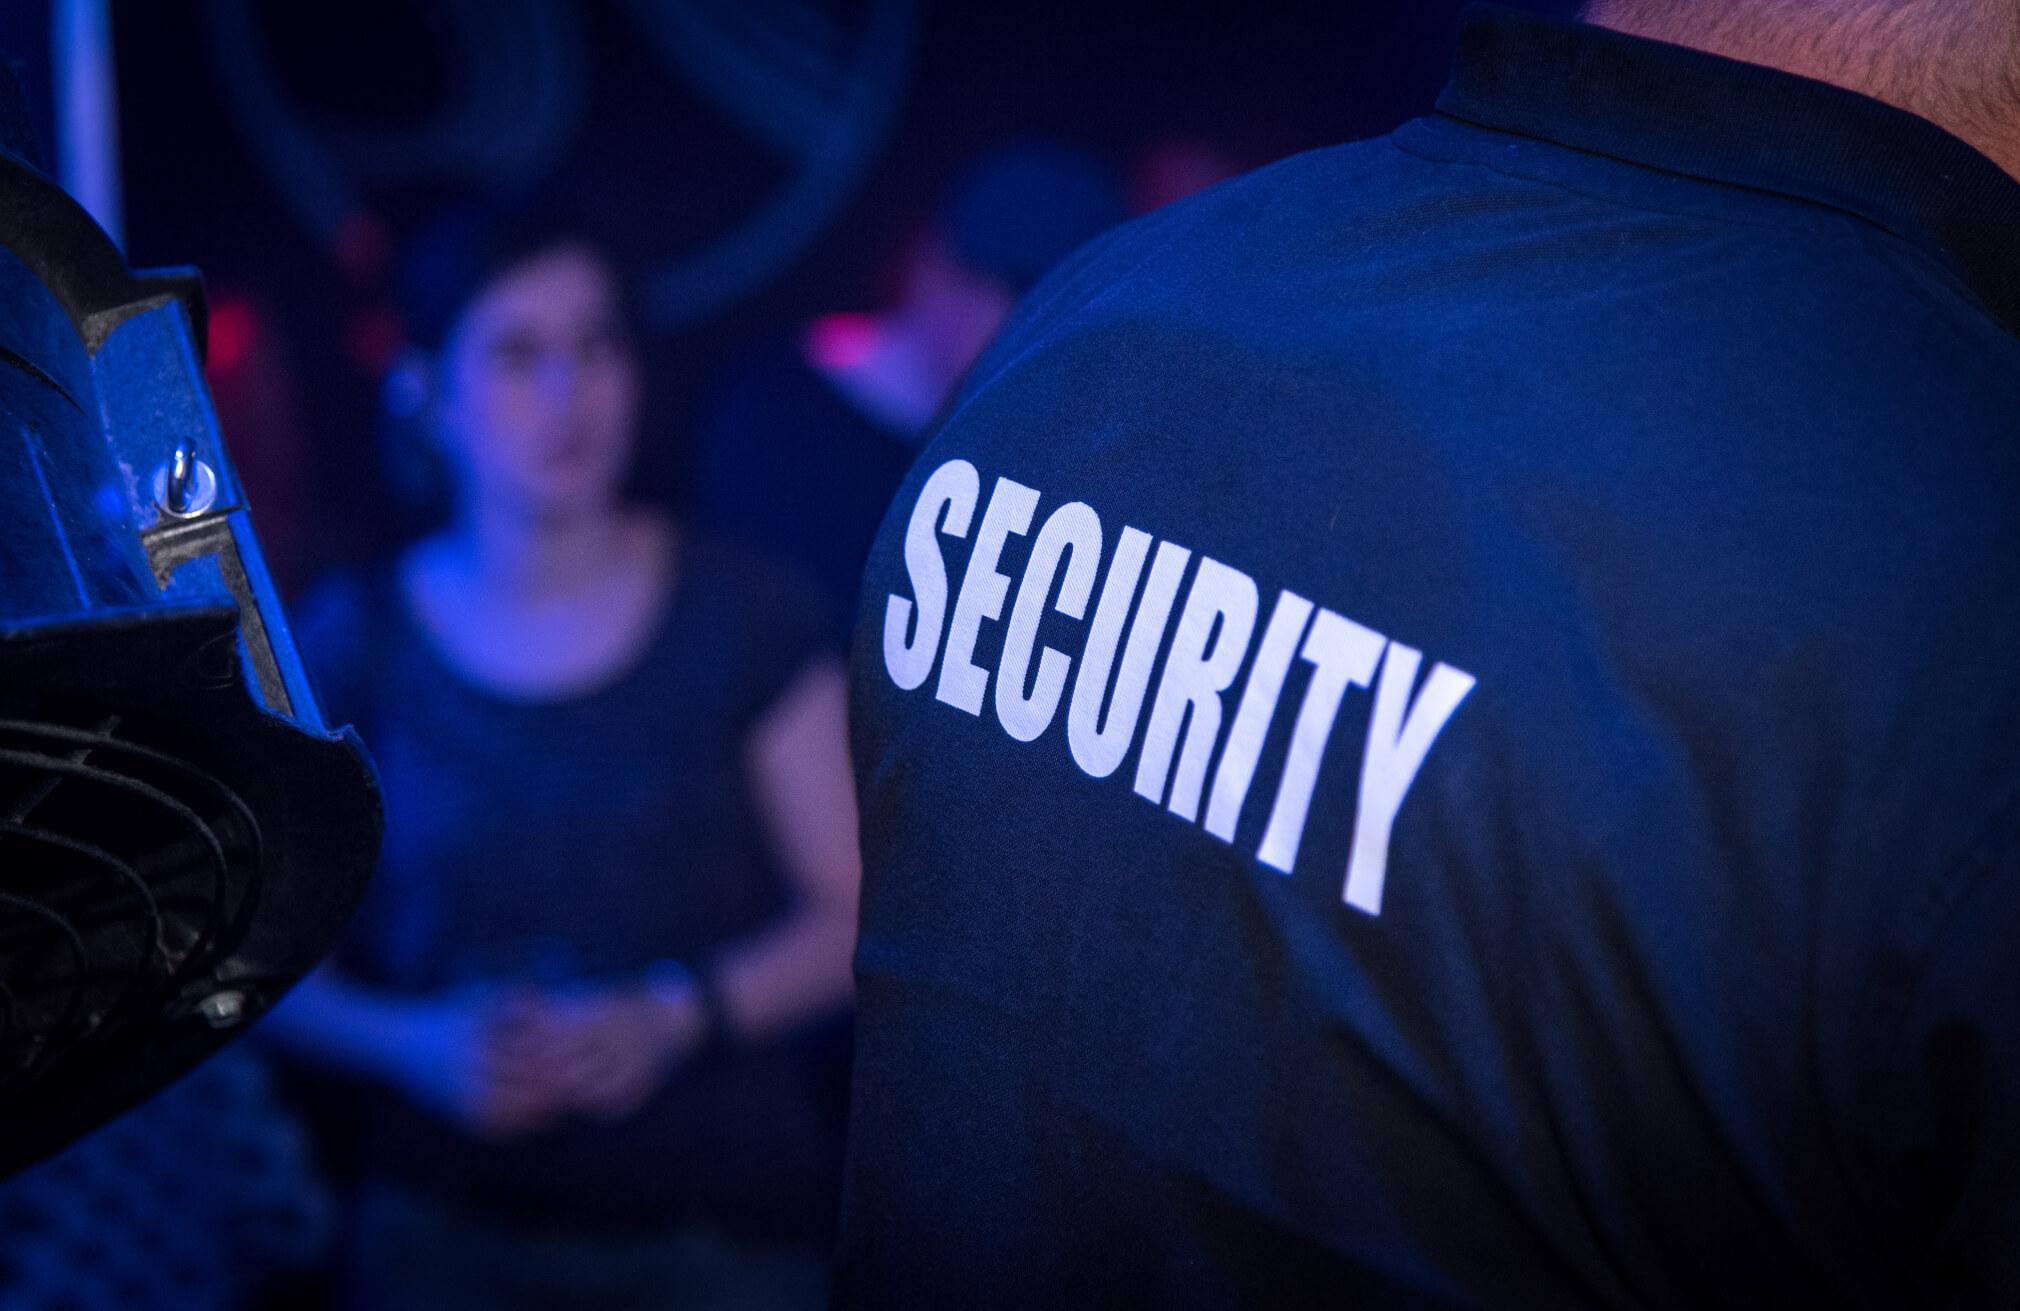 Три человека получили травмы в ночном клубе в Твери  - новости Афанасий